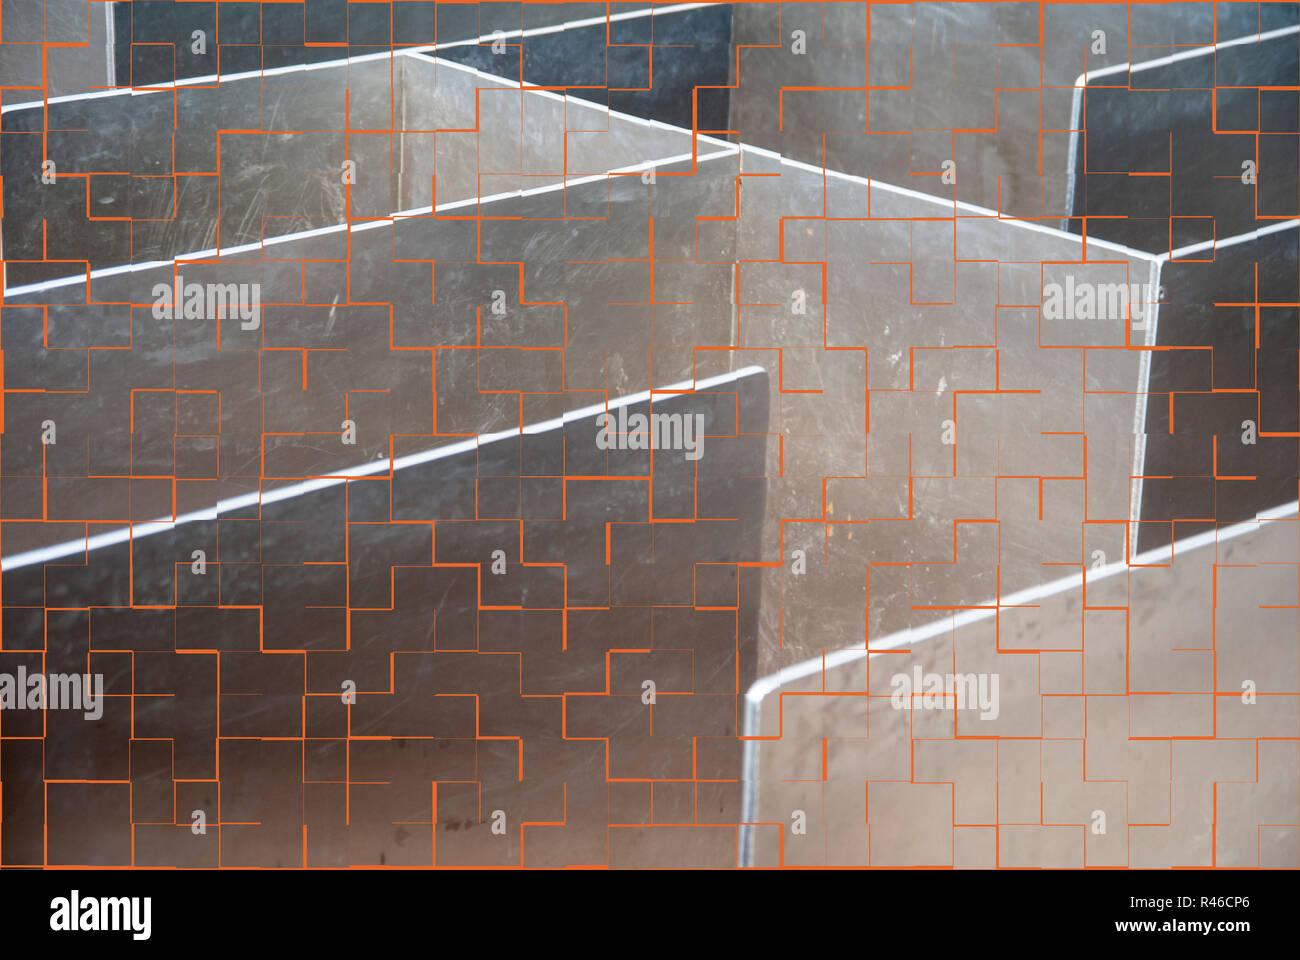 Metall Labyrinth mit Fliese Muster als Vorlage Stockbild